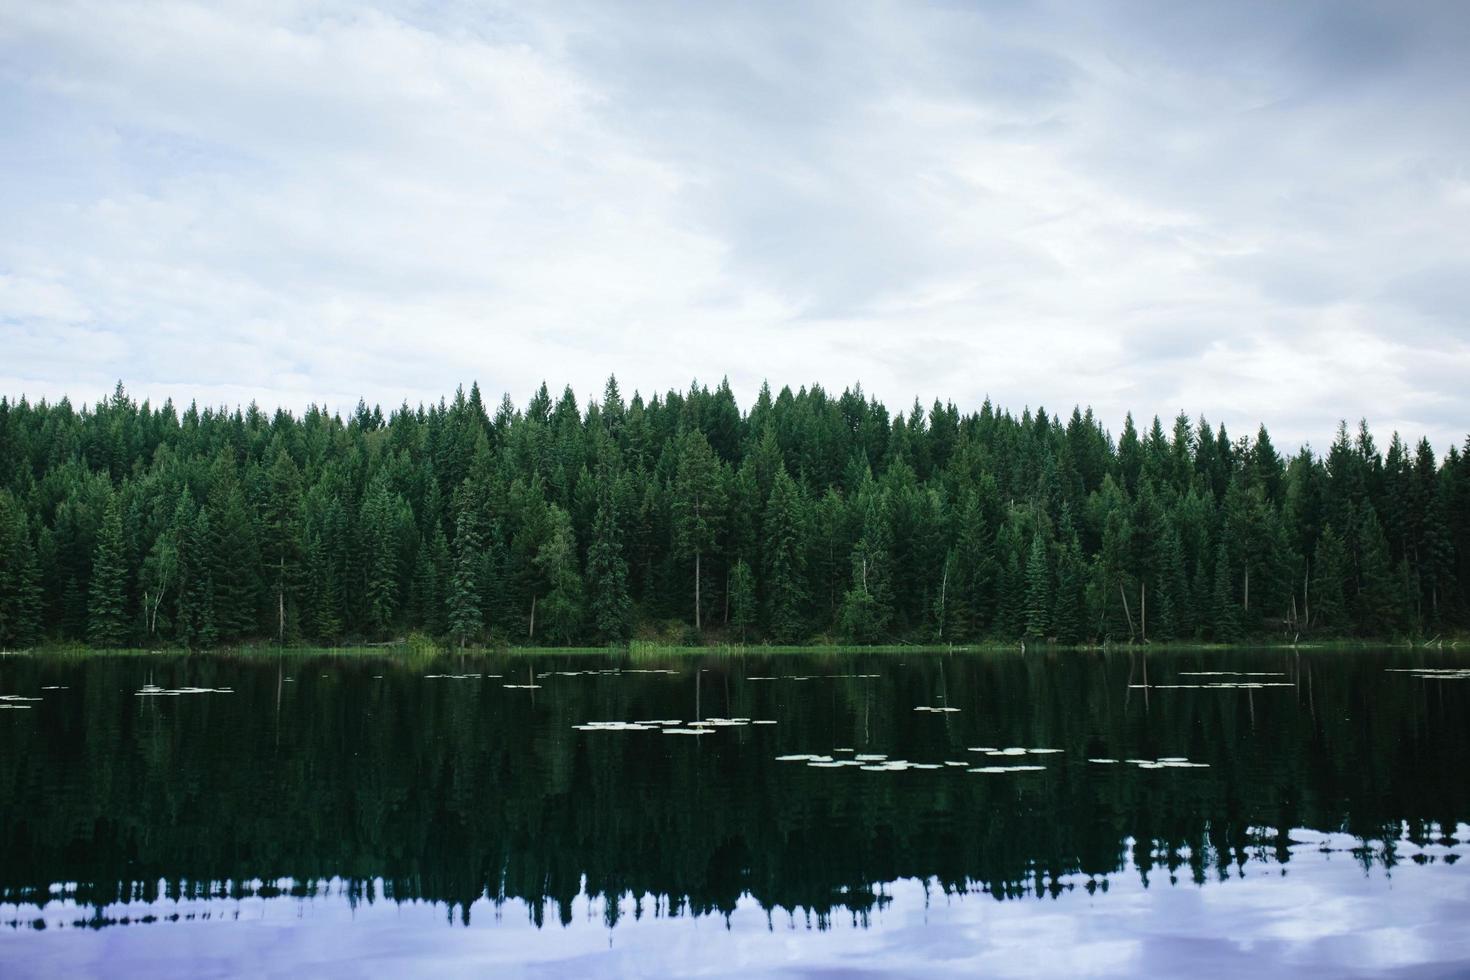 arbres verts à côté du plan d'eau sous un ciel nuageux pendant la journée photo